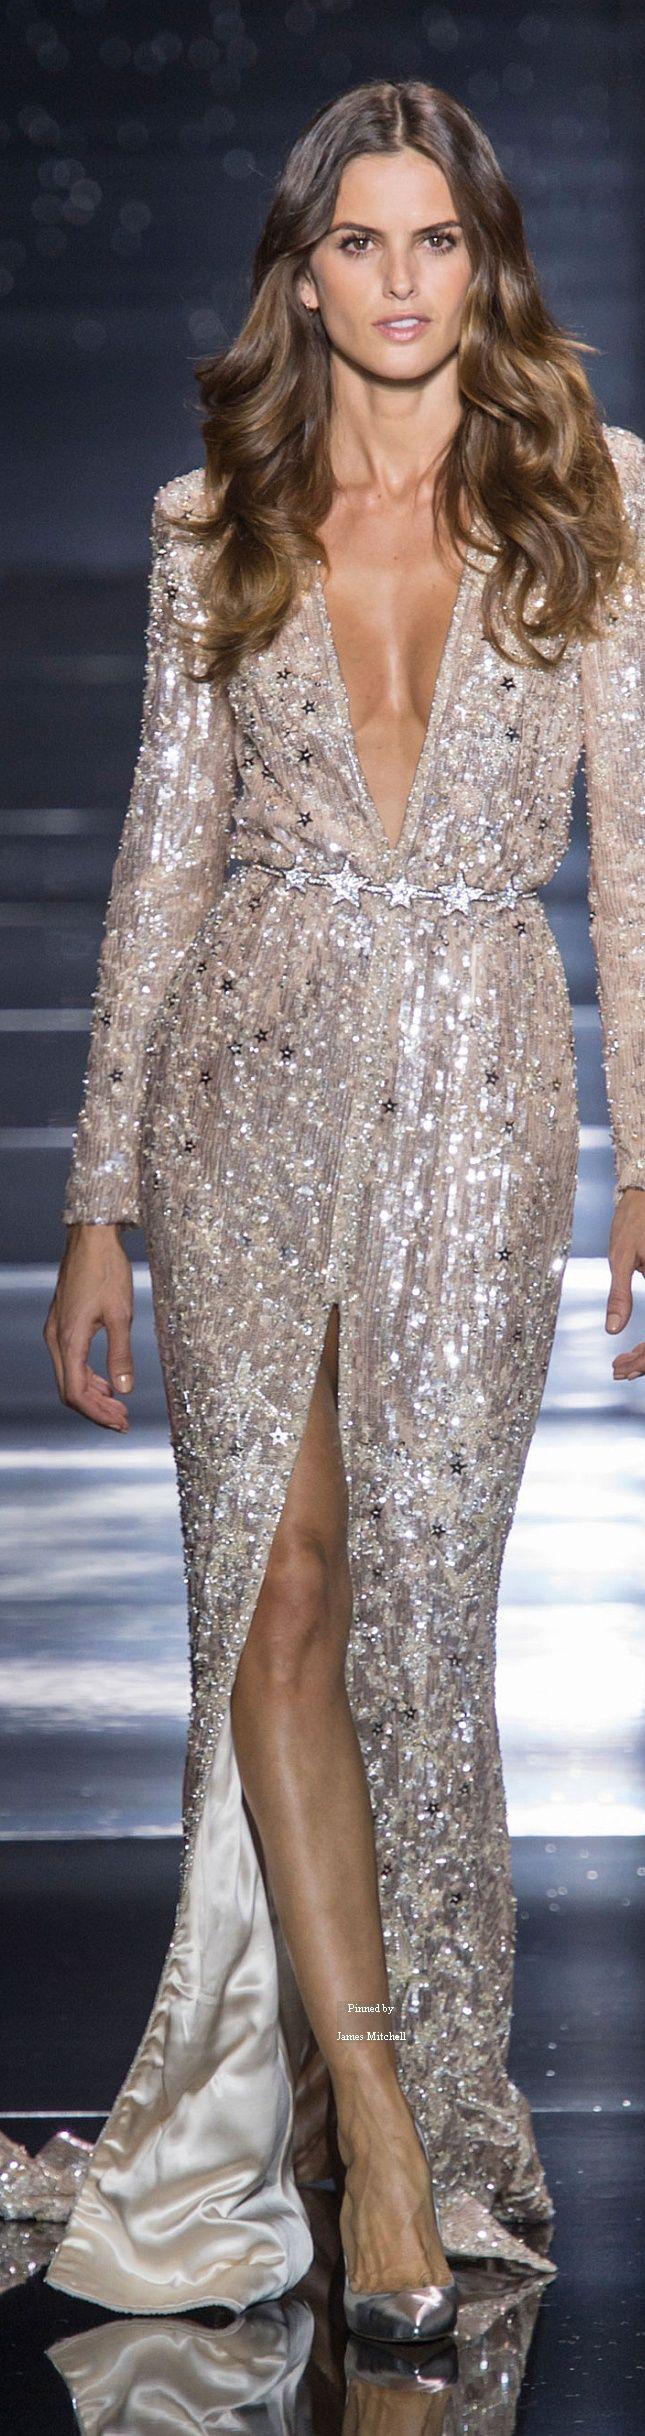 Belt - Zuhair Murad Collection Fall 2015 Couture jαɢlαdy